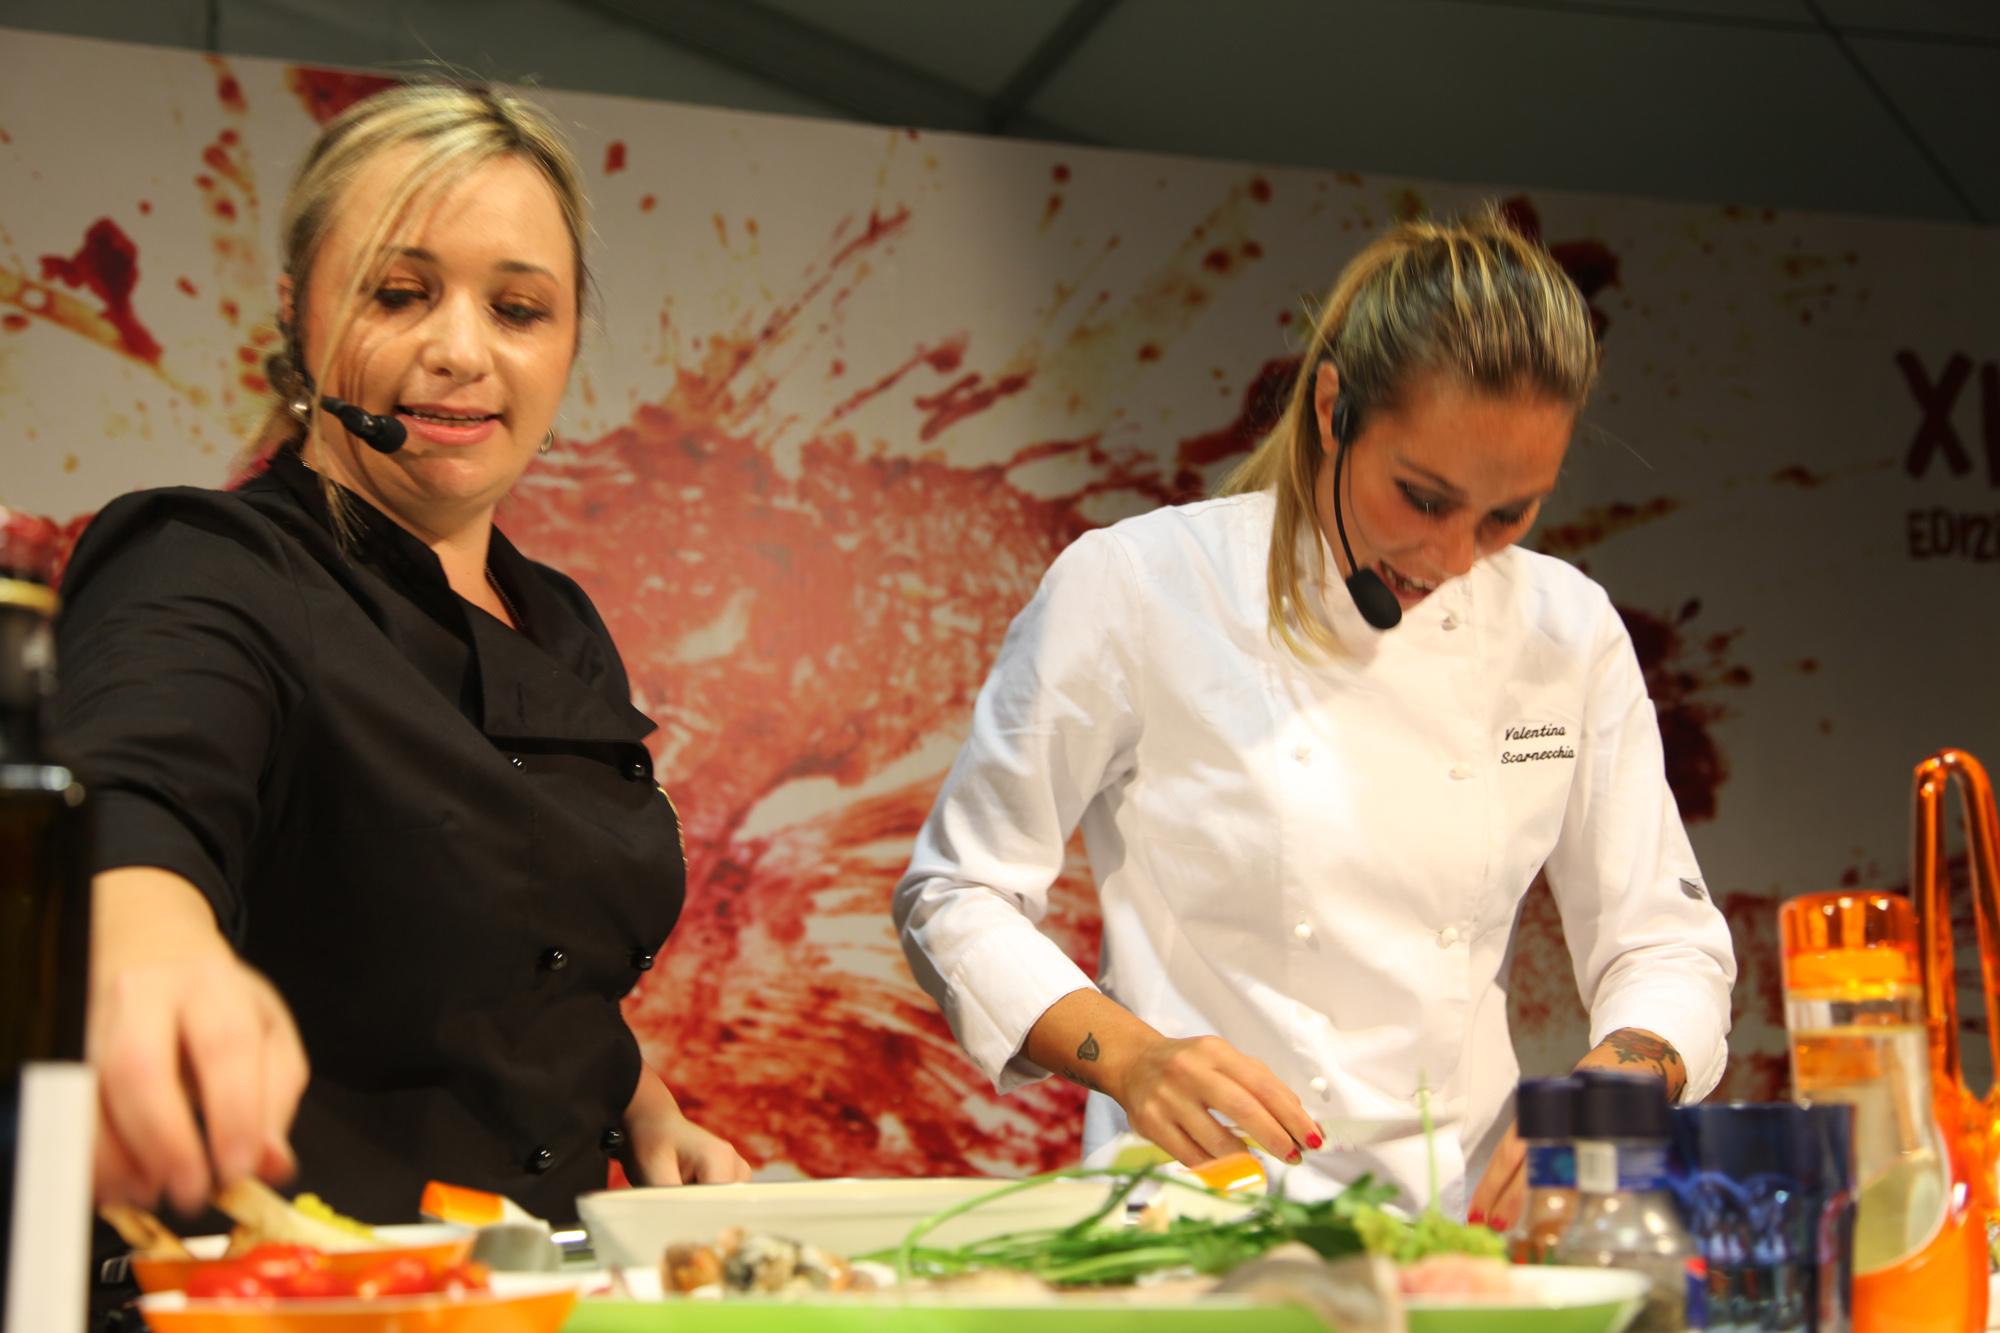 cookinghsow-federica-giuliani-e-valentina-scarnecchia